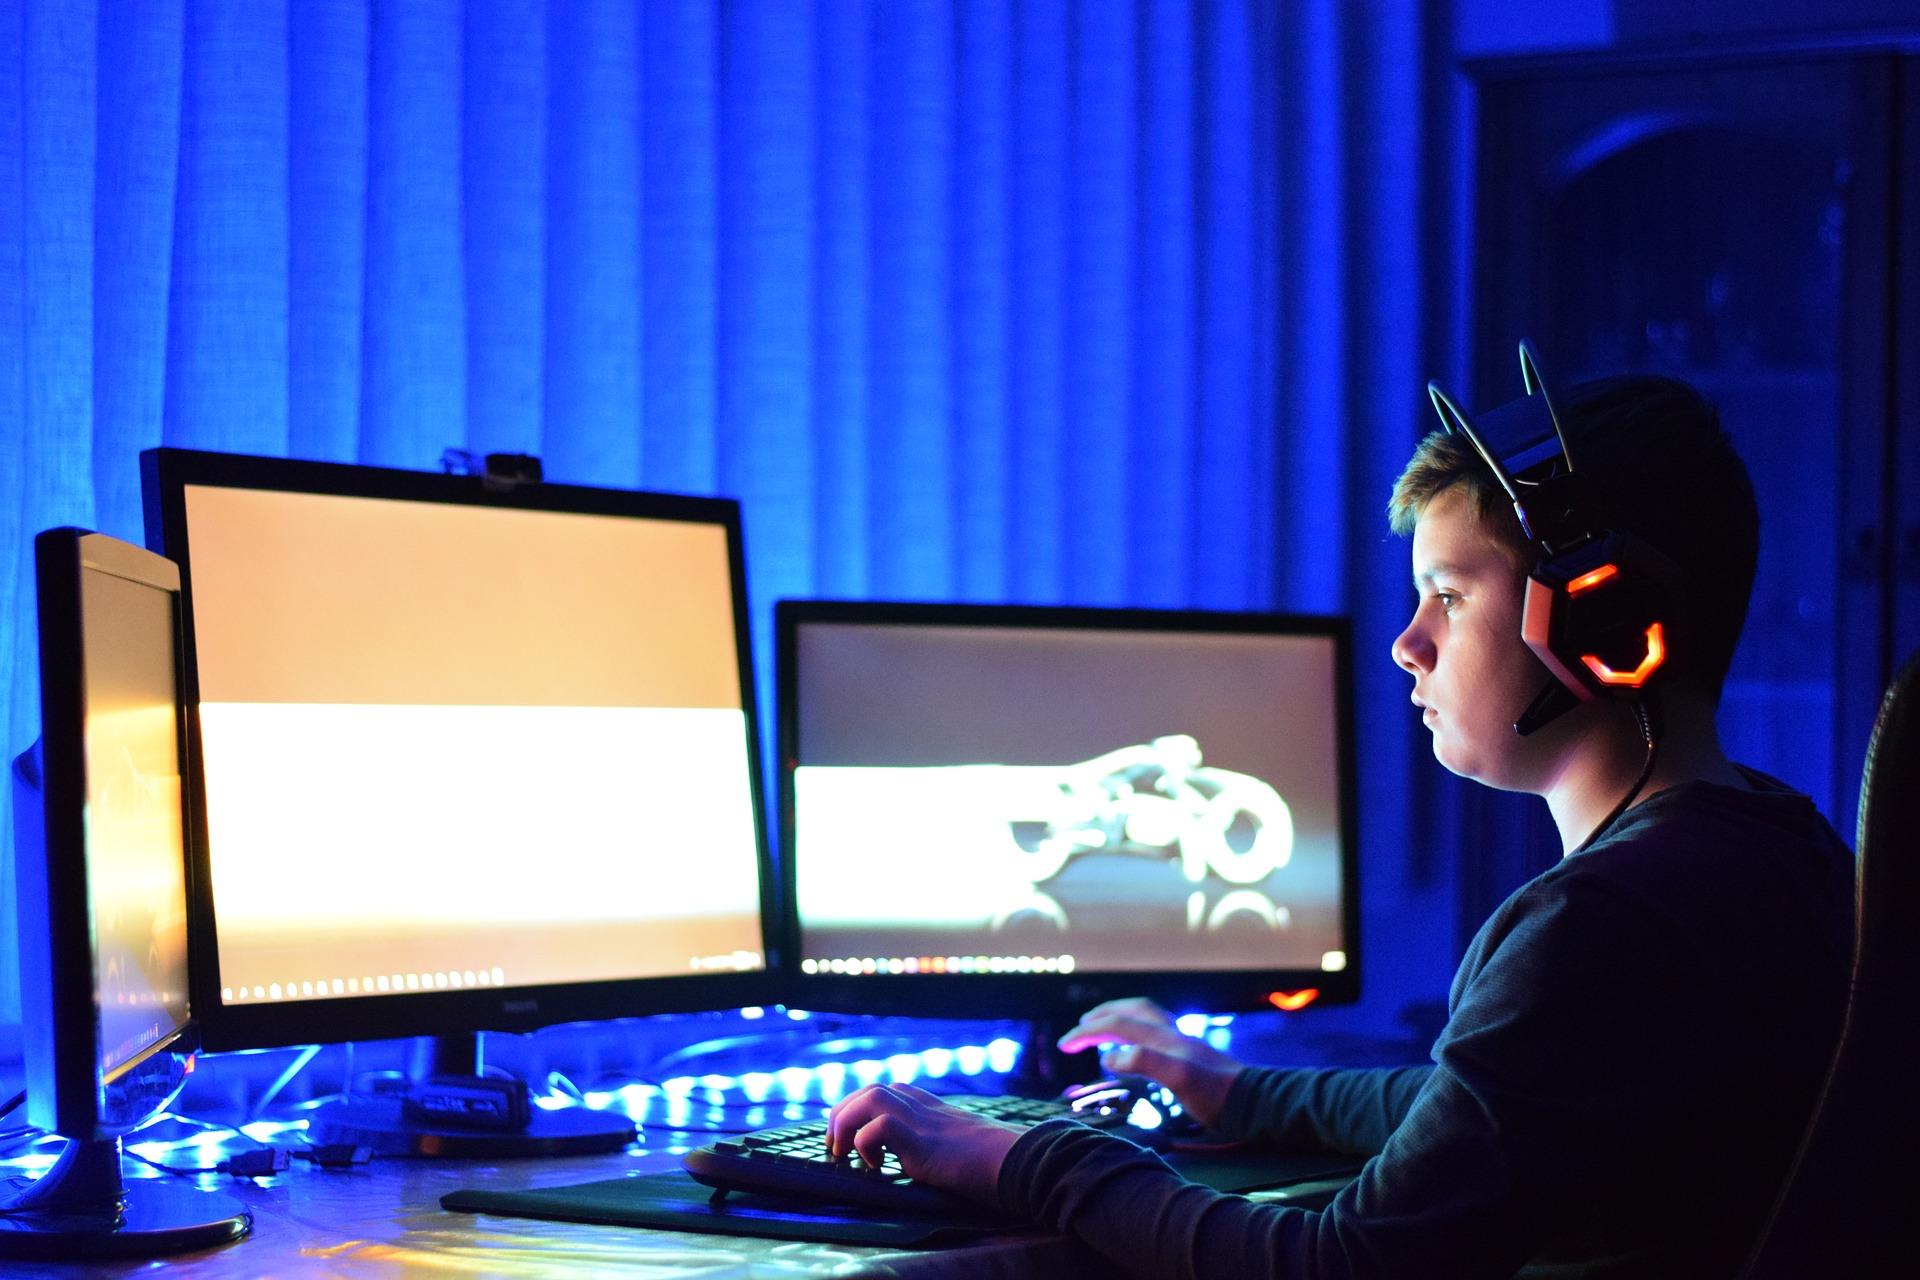 Imagem mostra uma criança jogando no computador.